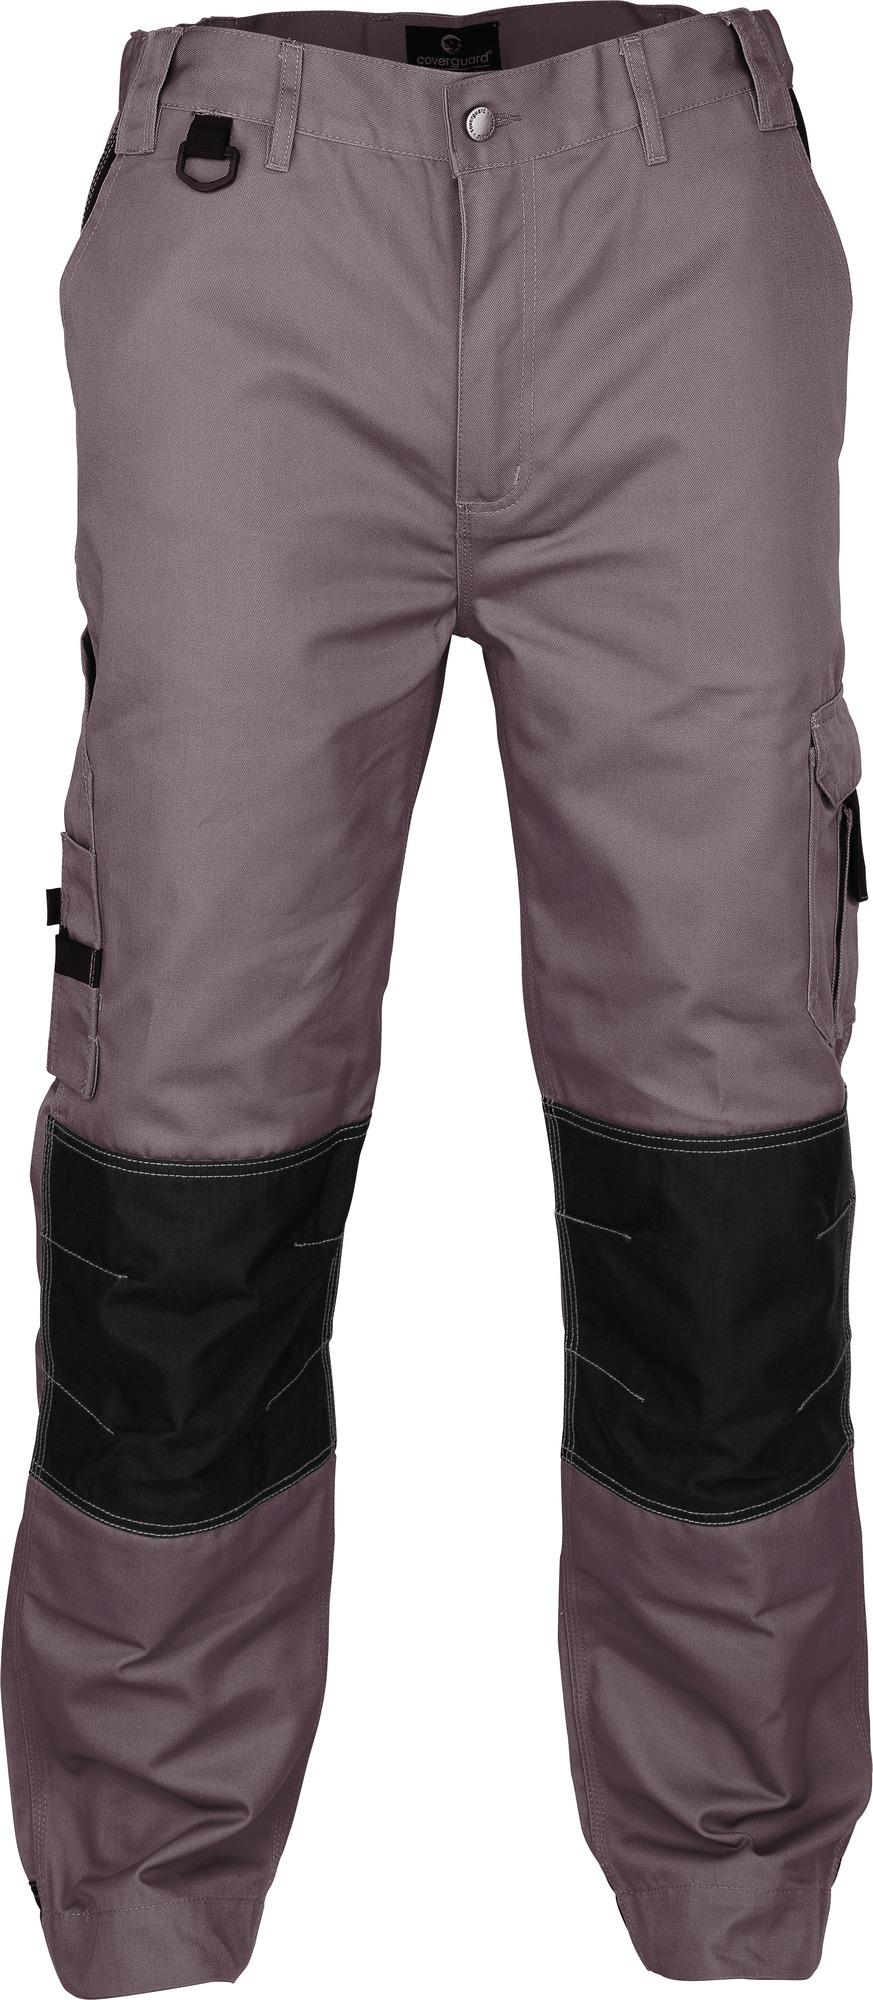 Pantalon de travail genoux et bas de jambes renforcés Outibat Taille XXL  Gris 6ab2c7582d7